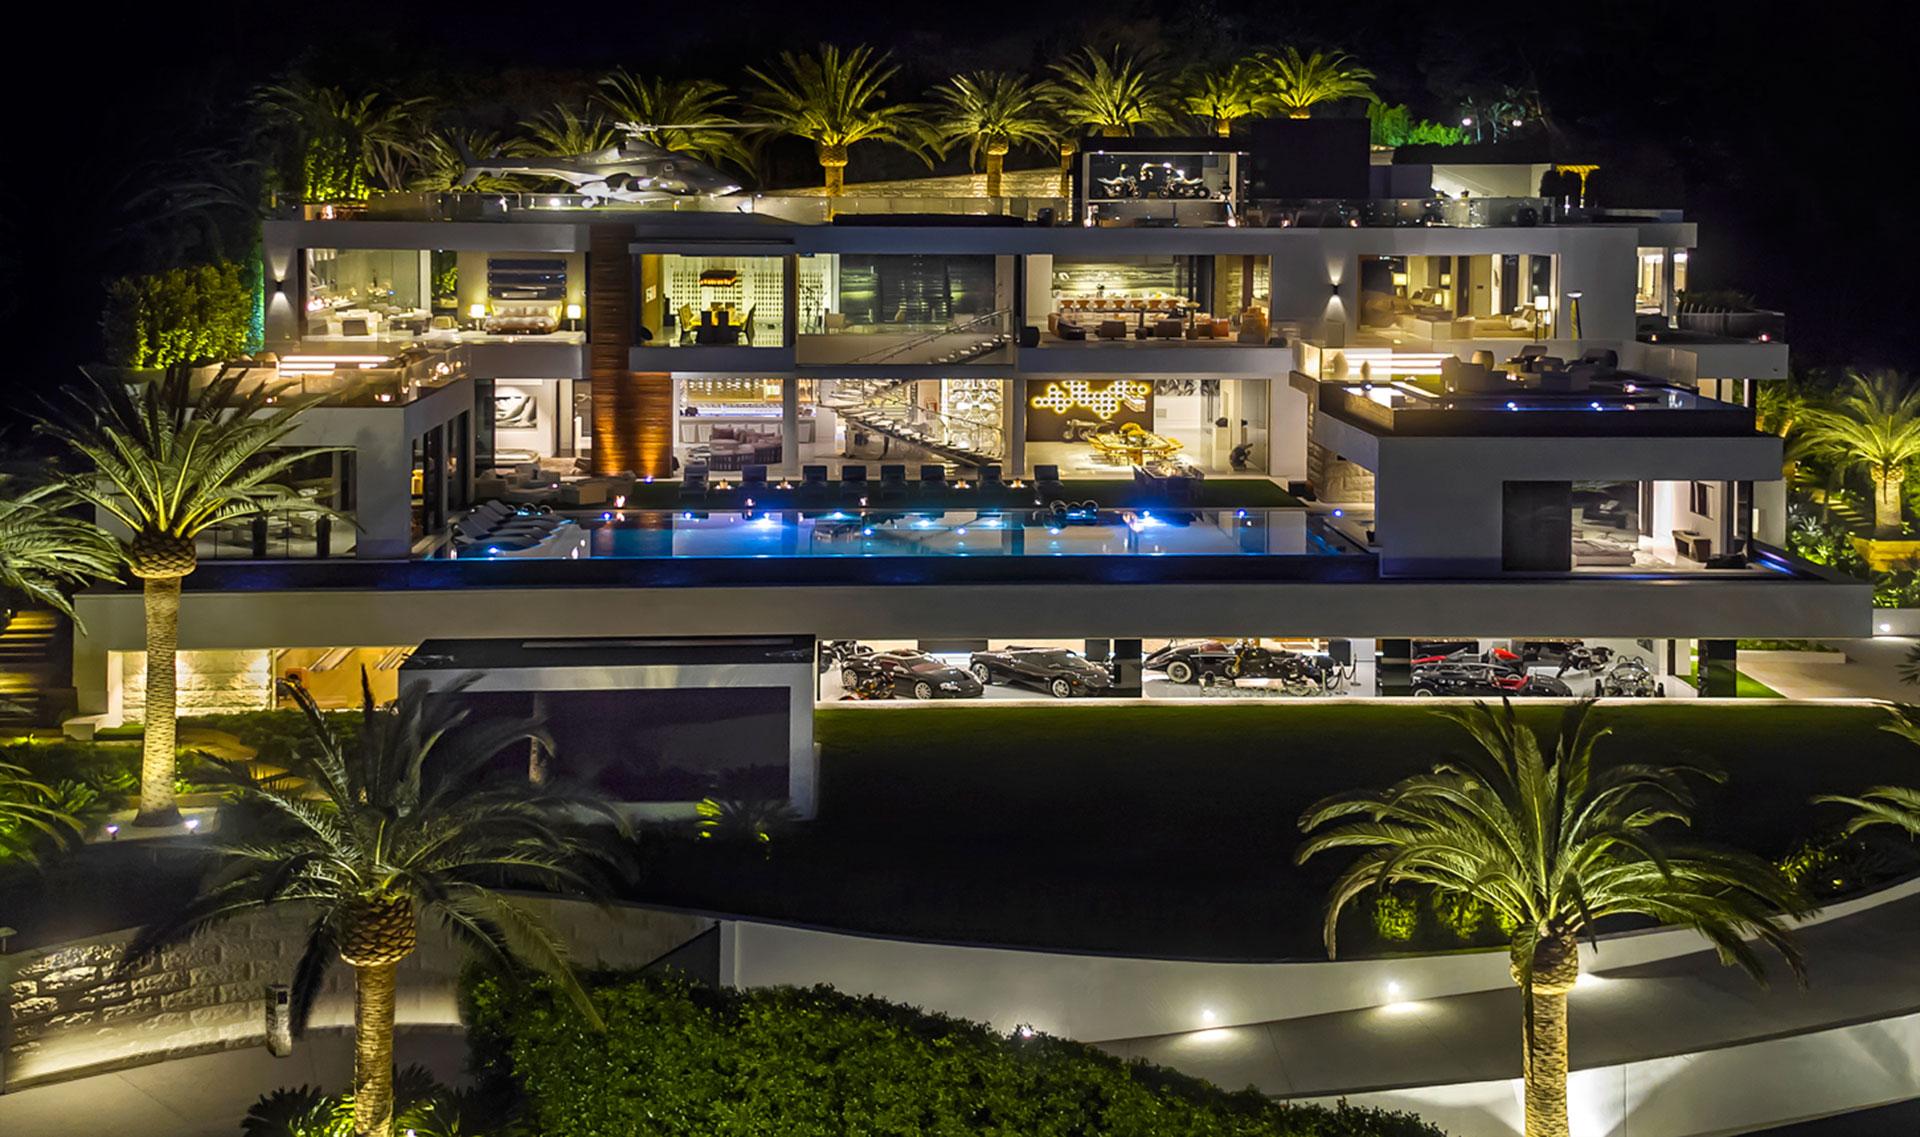 La mansión de noche: sus luces la hacen aún más imponente (BAM Luxury Development)